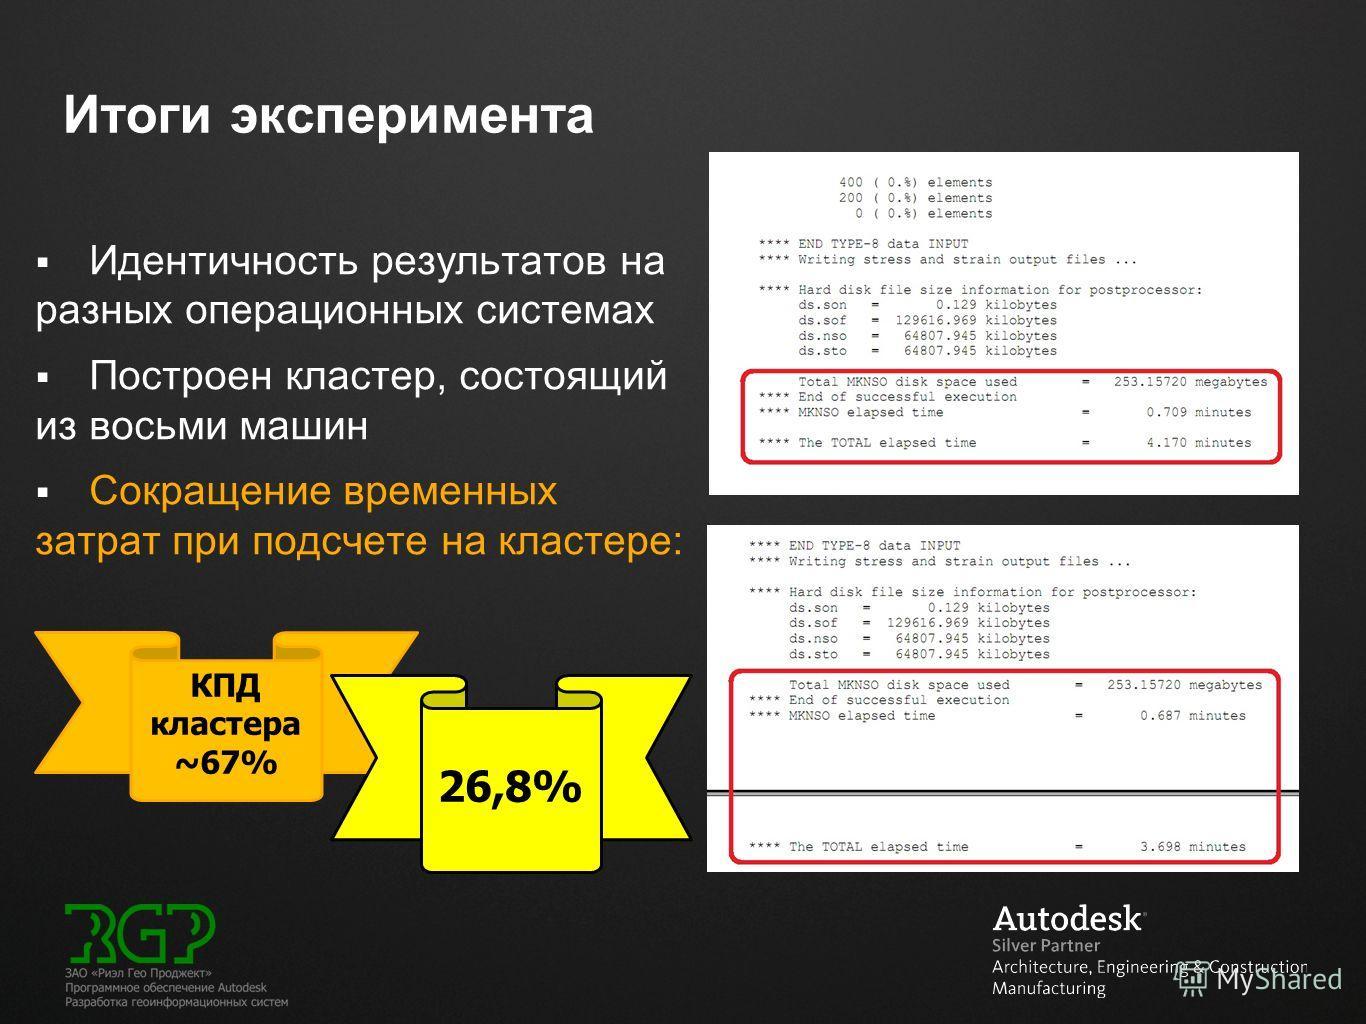 Итоги эксперимента КПД кластера ~67% Идентичность результатов на разных операционных системах Построен кластер, состоящий из восьми машин Сокращение временных затрат при подсчете на кластере: 26,8%